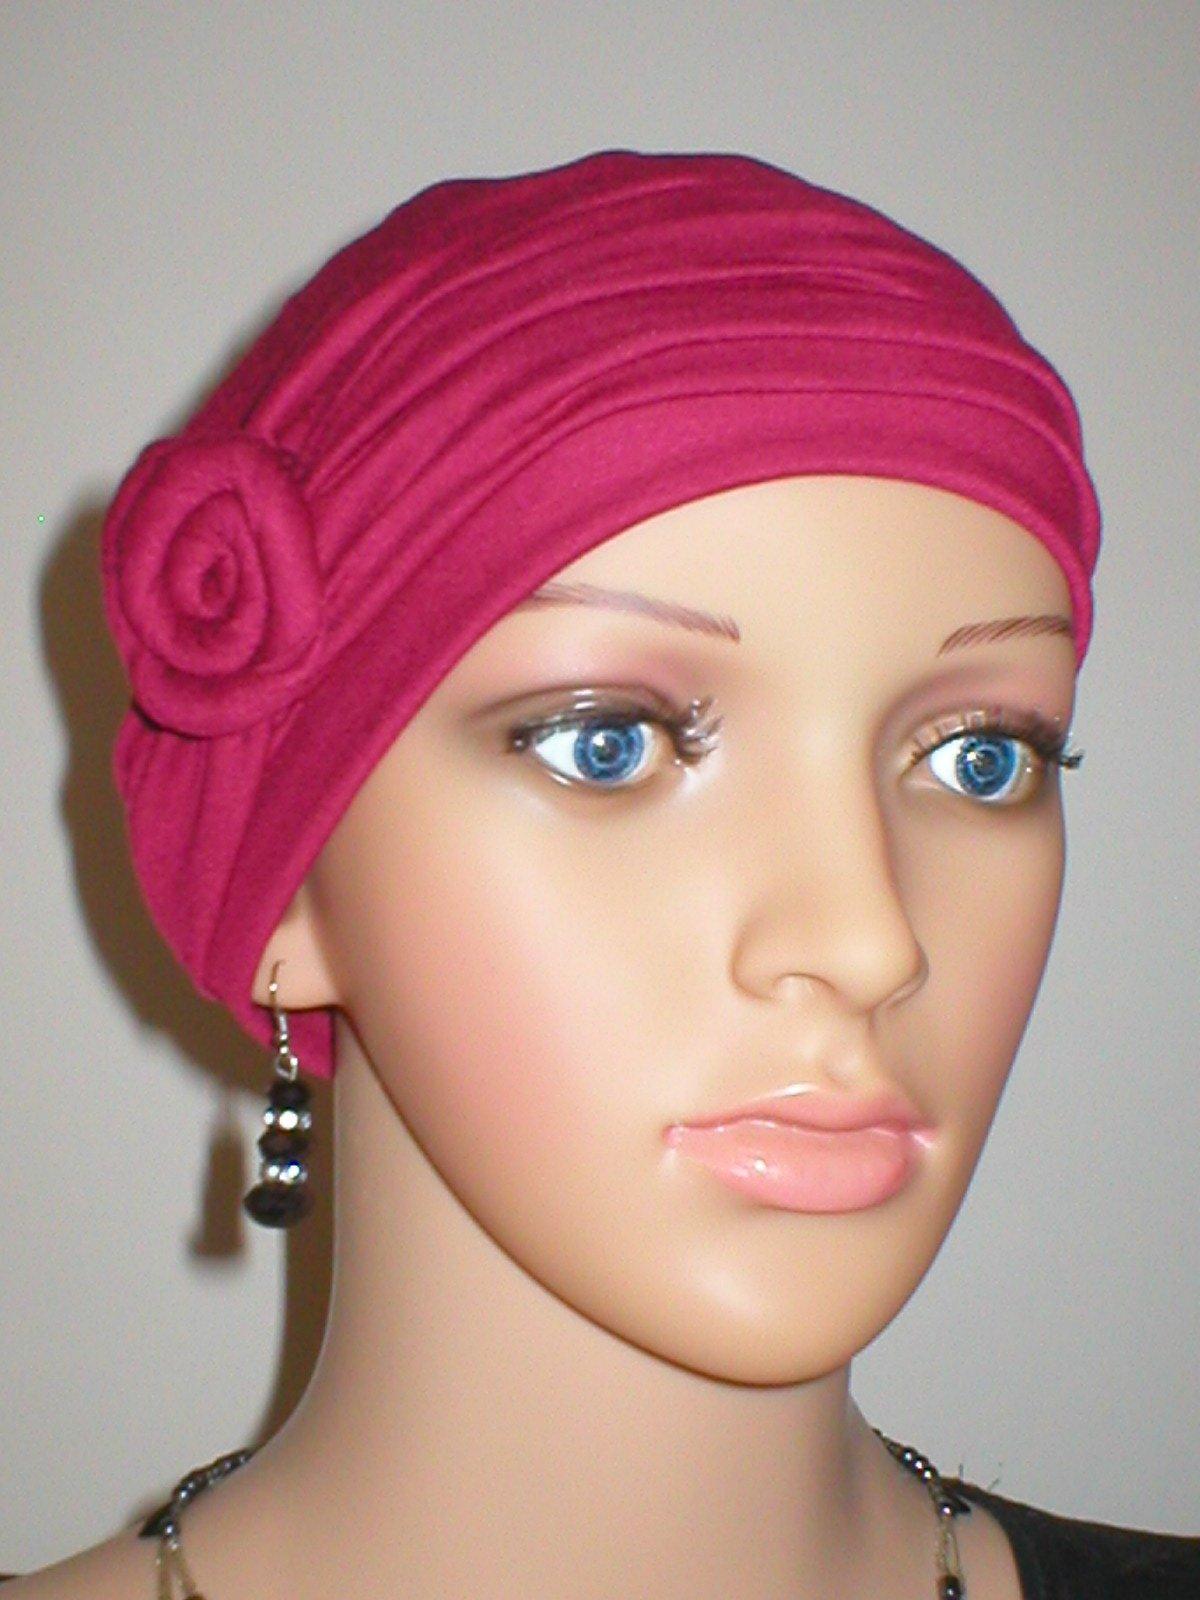 headwear for cancer